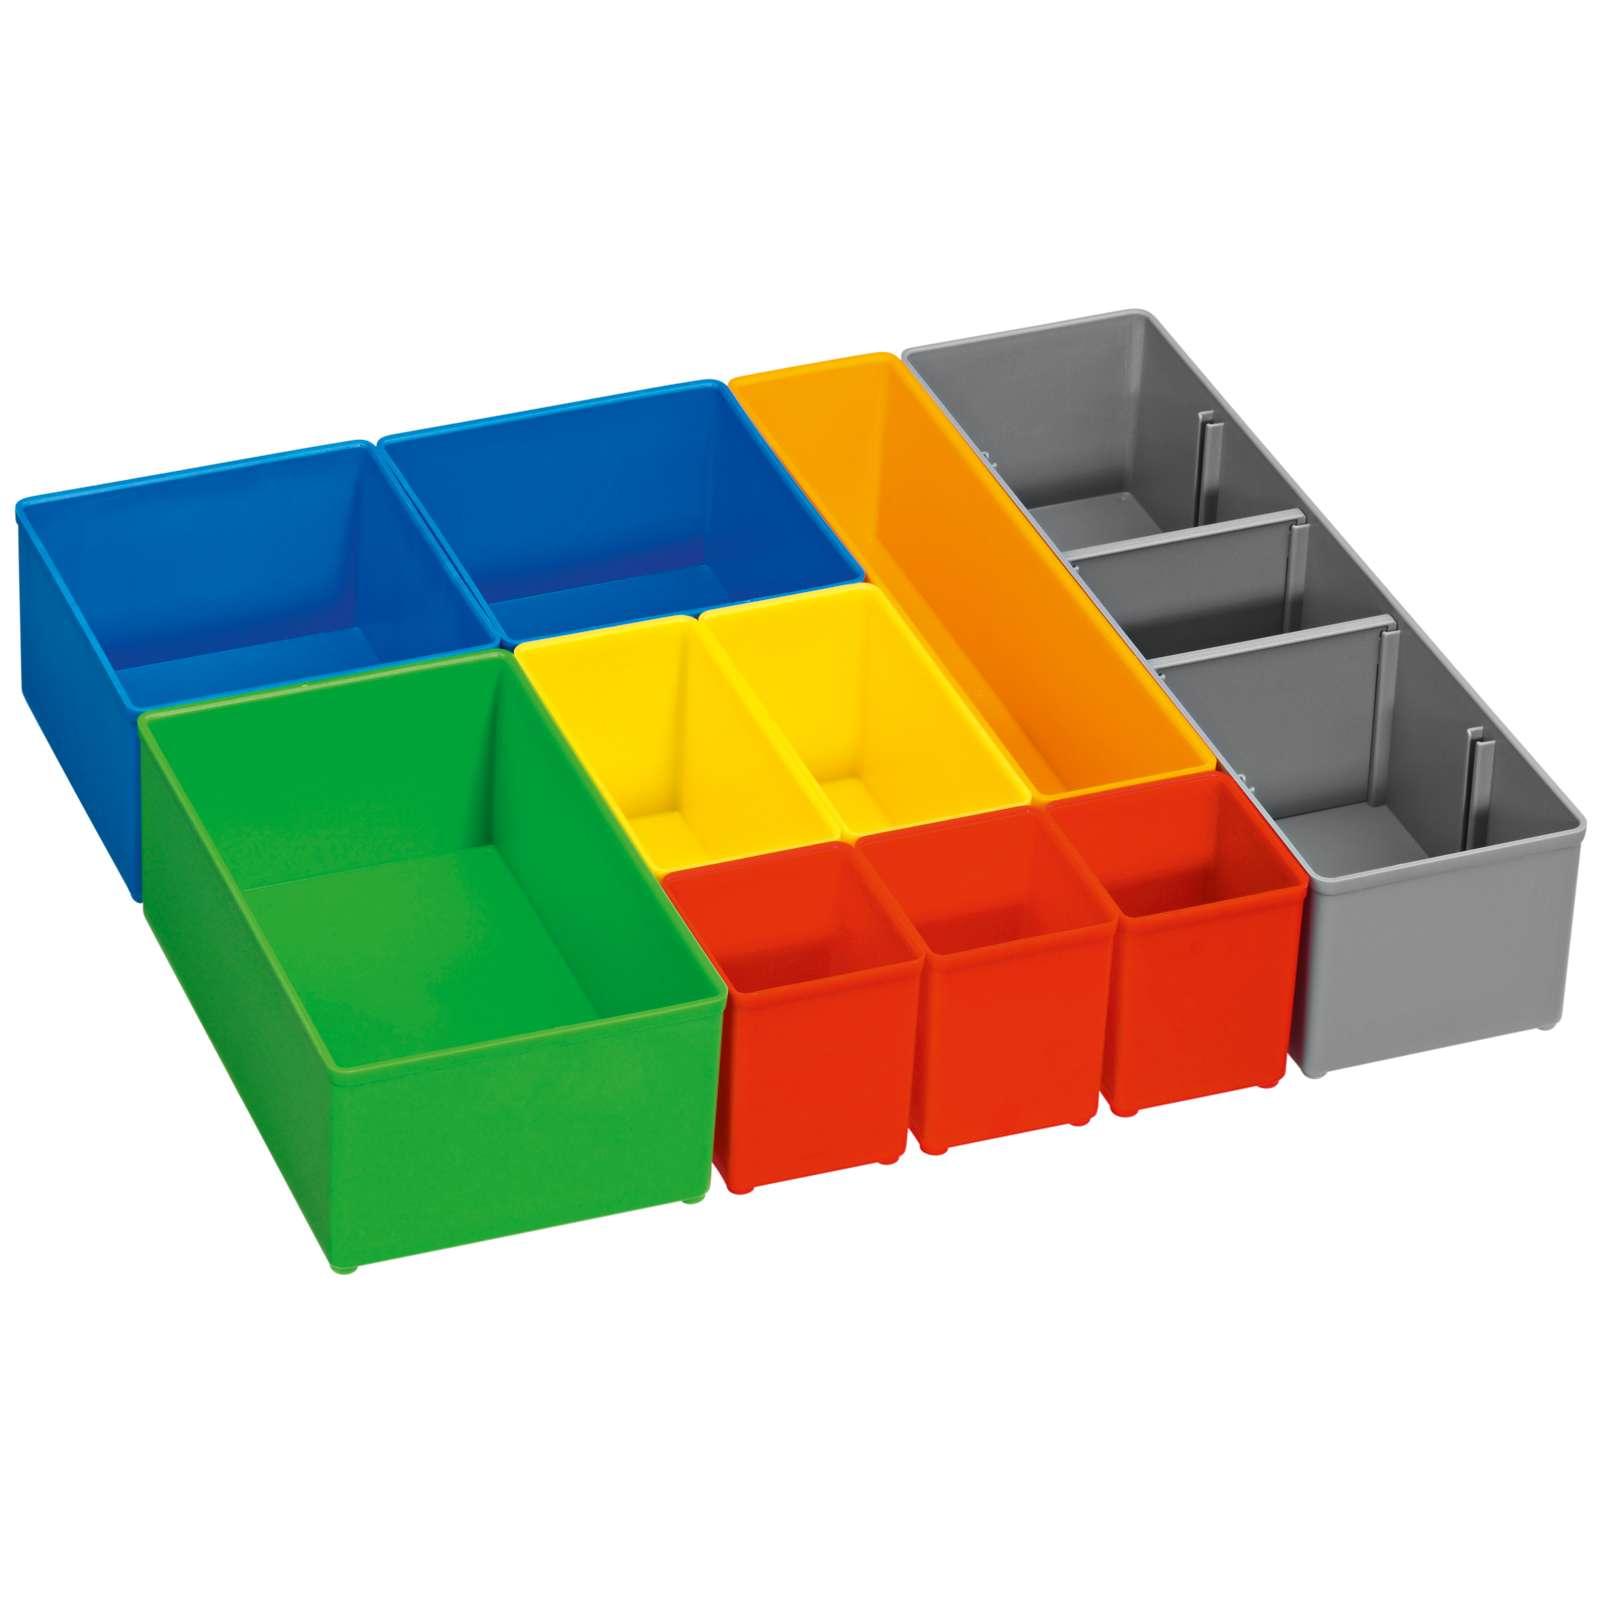 Контейнеры для хранения мелких деталей Комплект i-BOXX 72 inset box, 10шт.